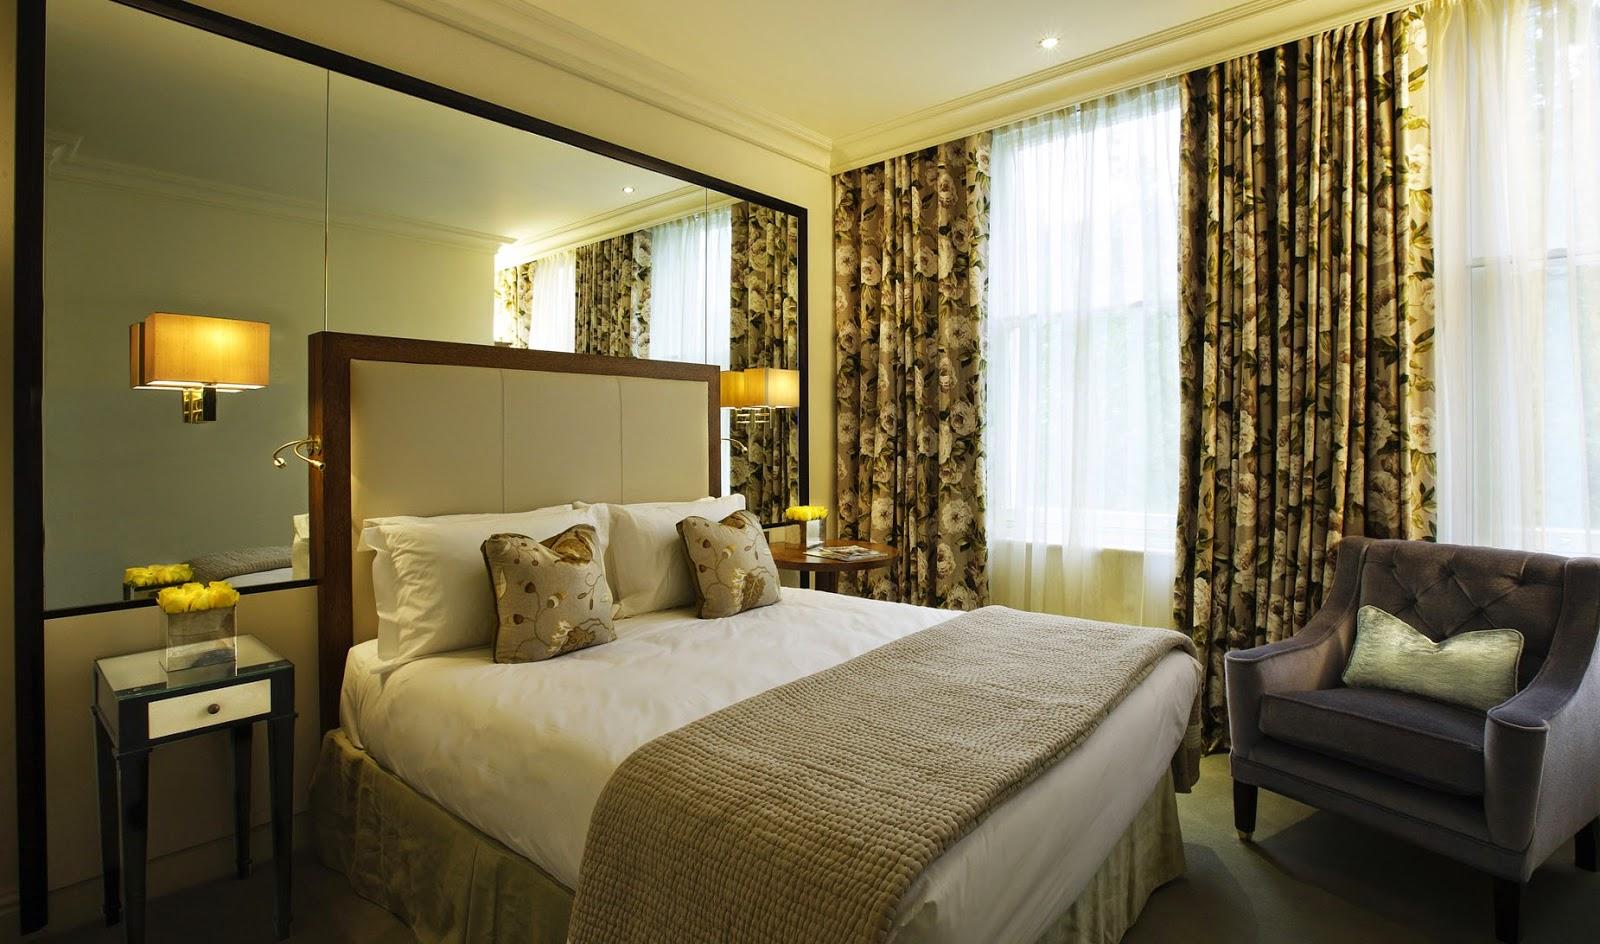 Modern Bedroom Interior Design Ideas #4